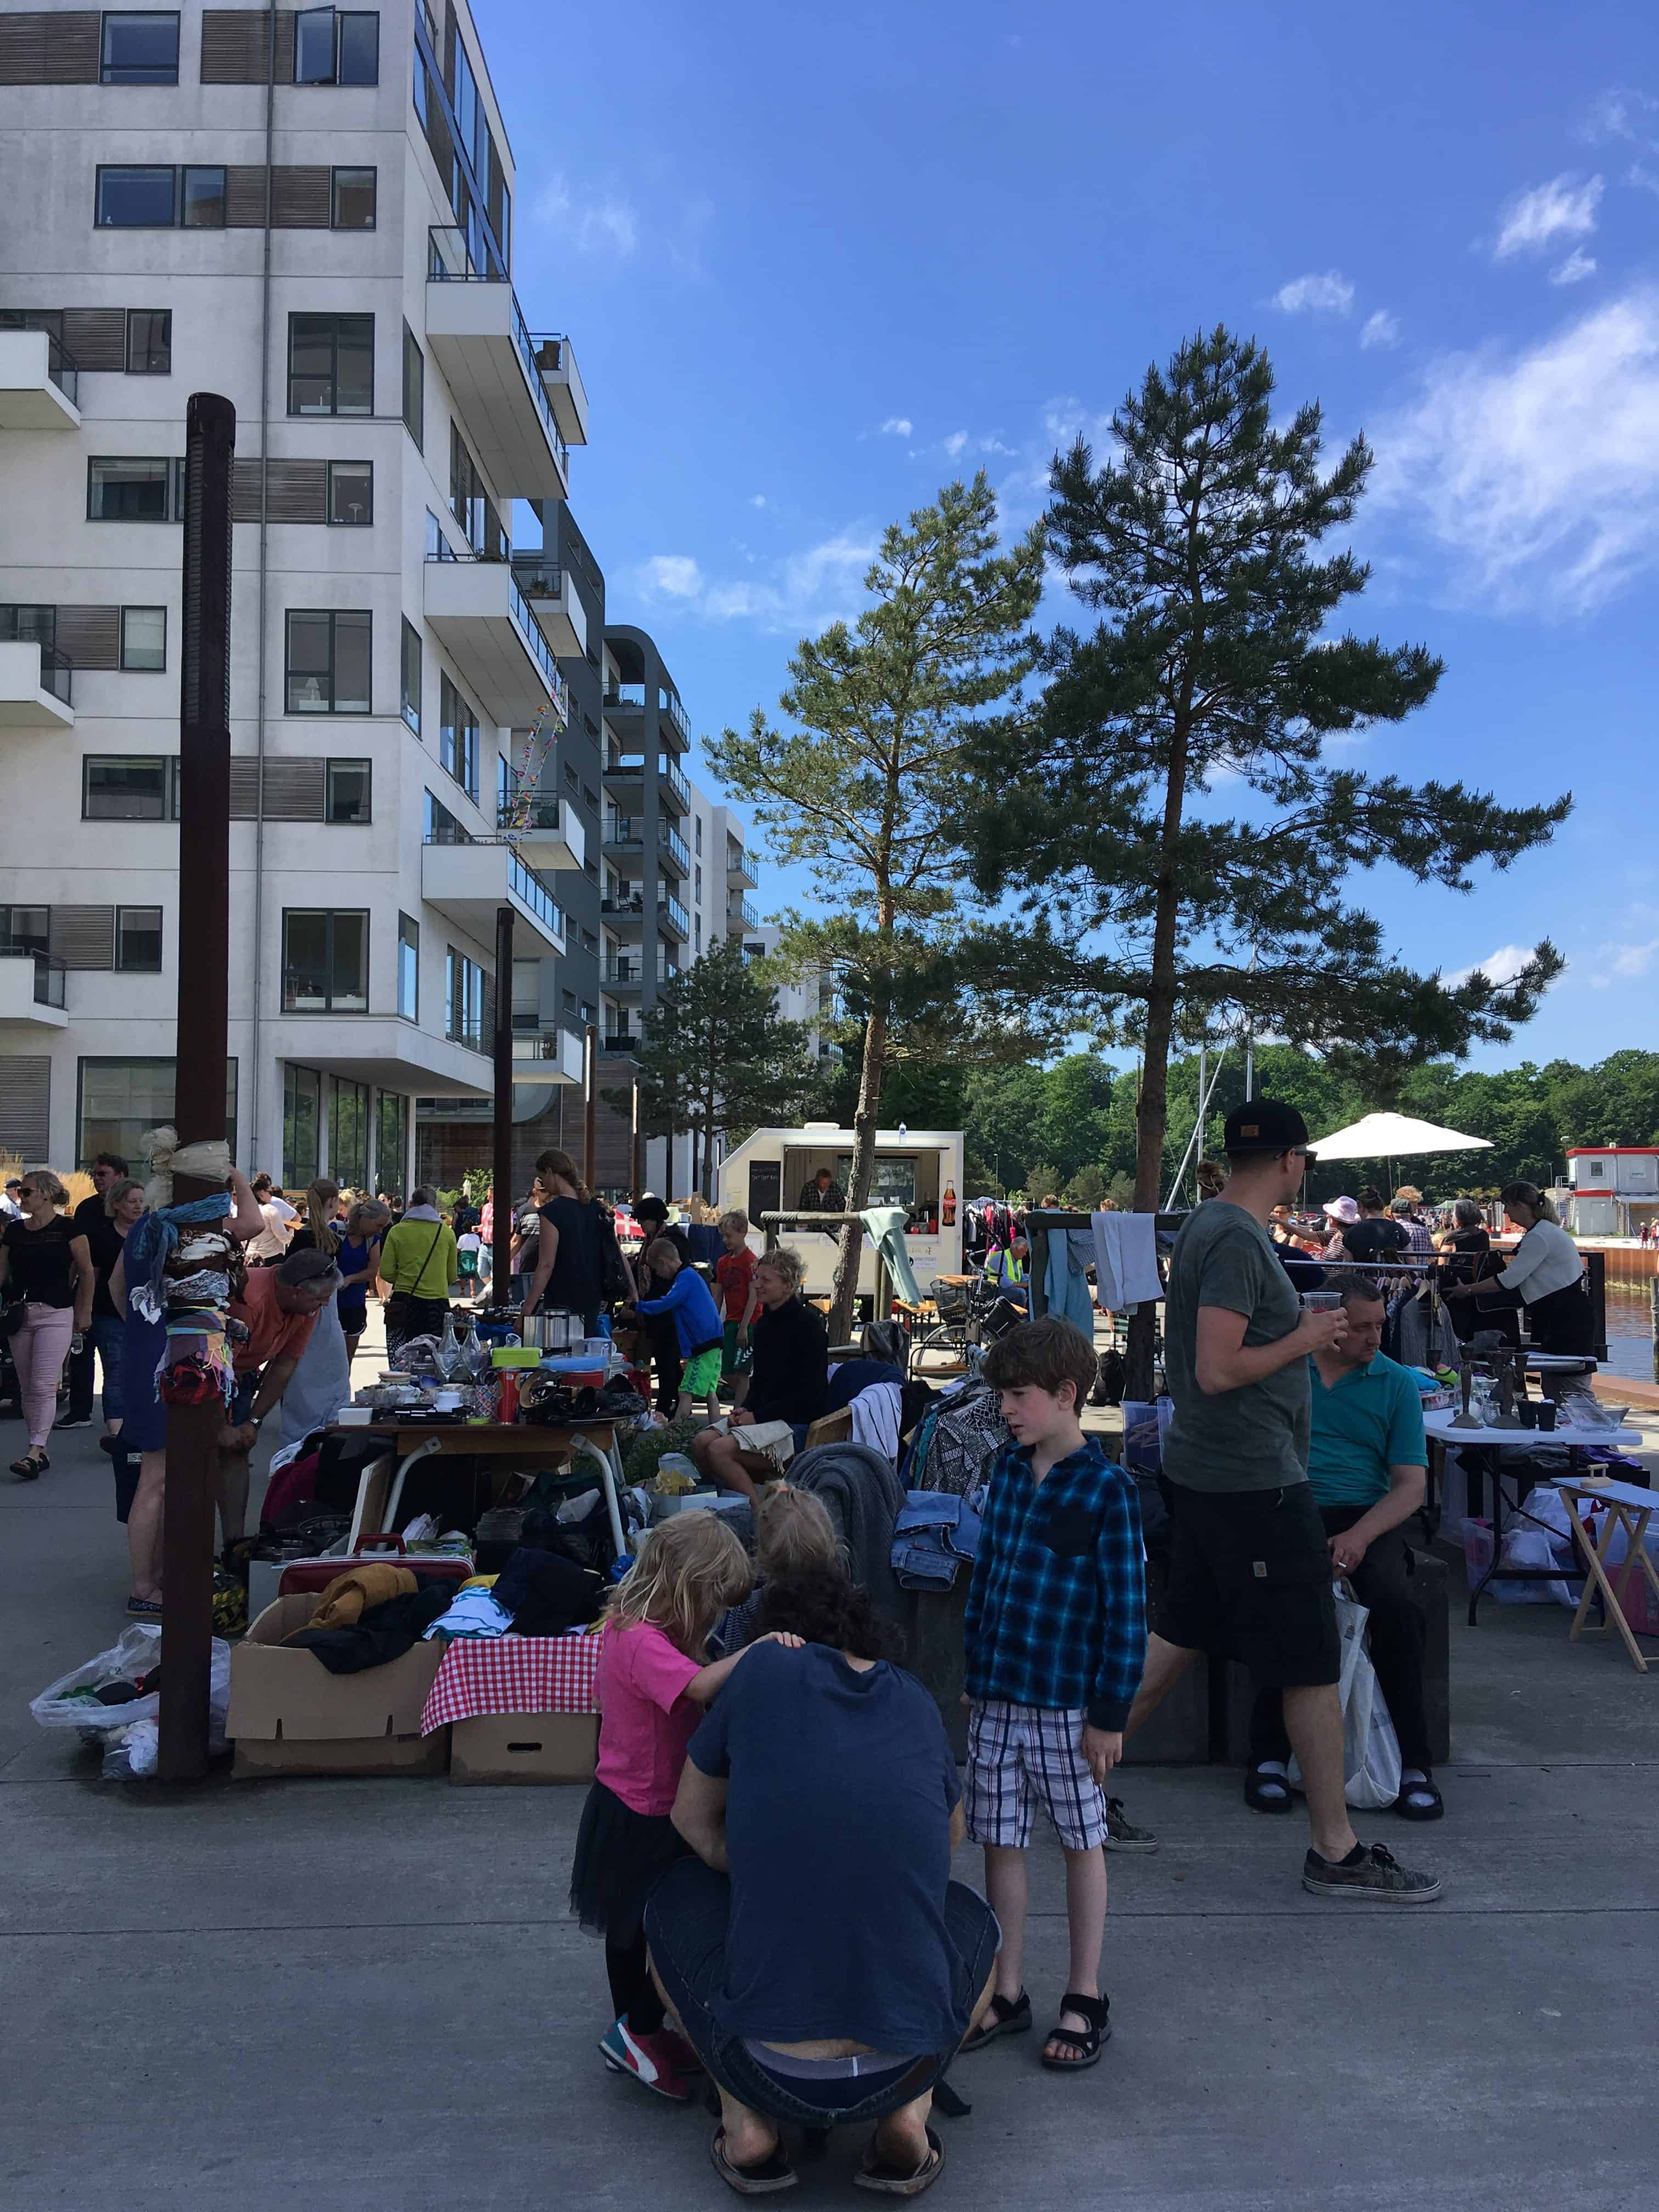 Søndag var der loppemarked foran Promenadebyen